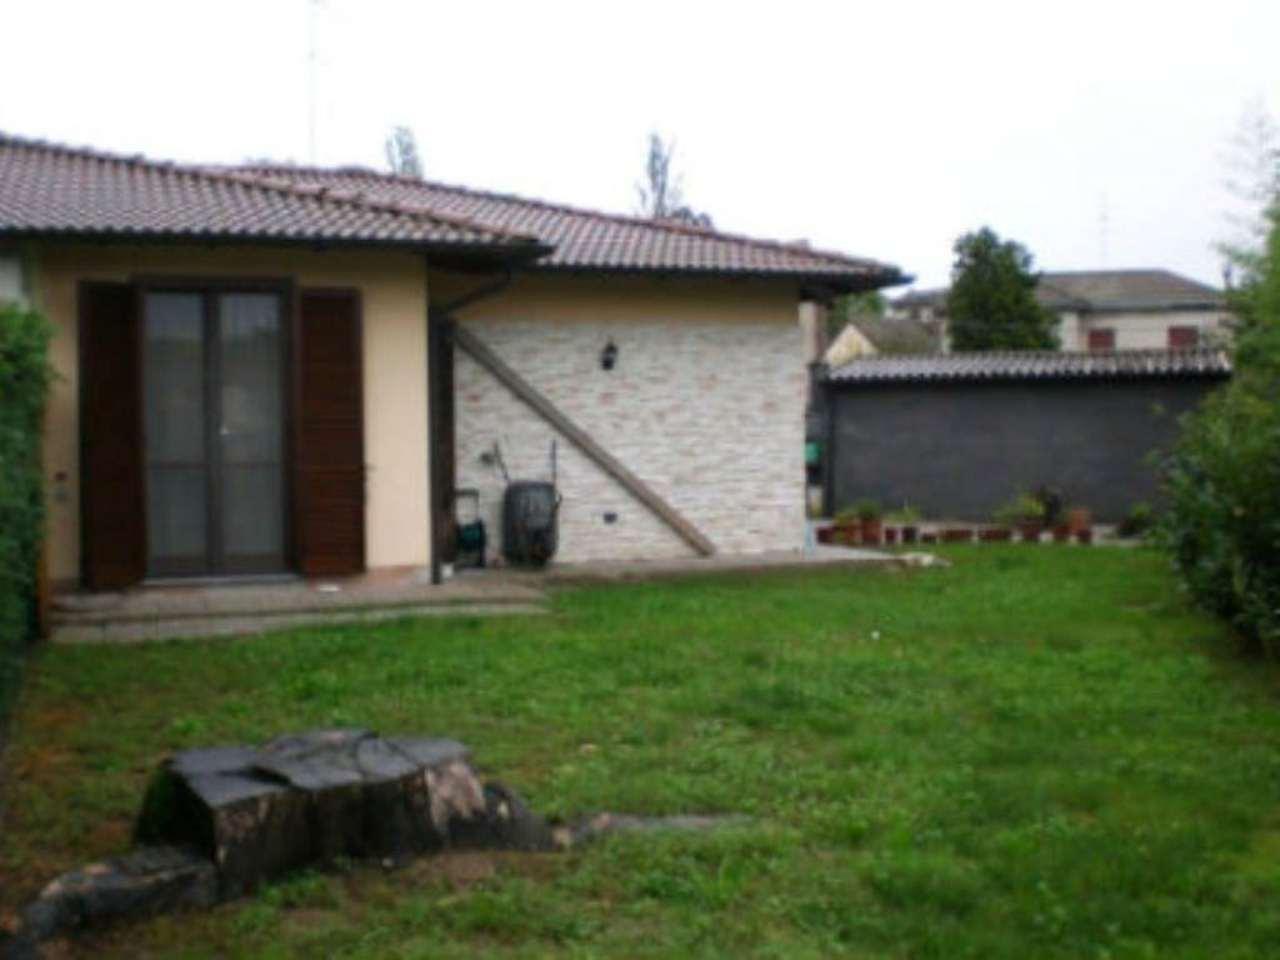 Villa Bifamiliare in vendita a Garlasco, 3 locali, prezzo € 160.000   Cambio Casa.it